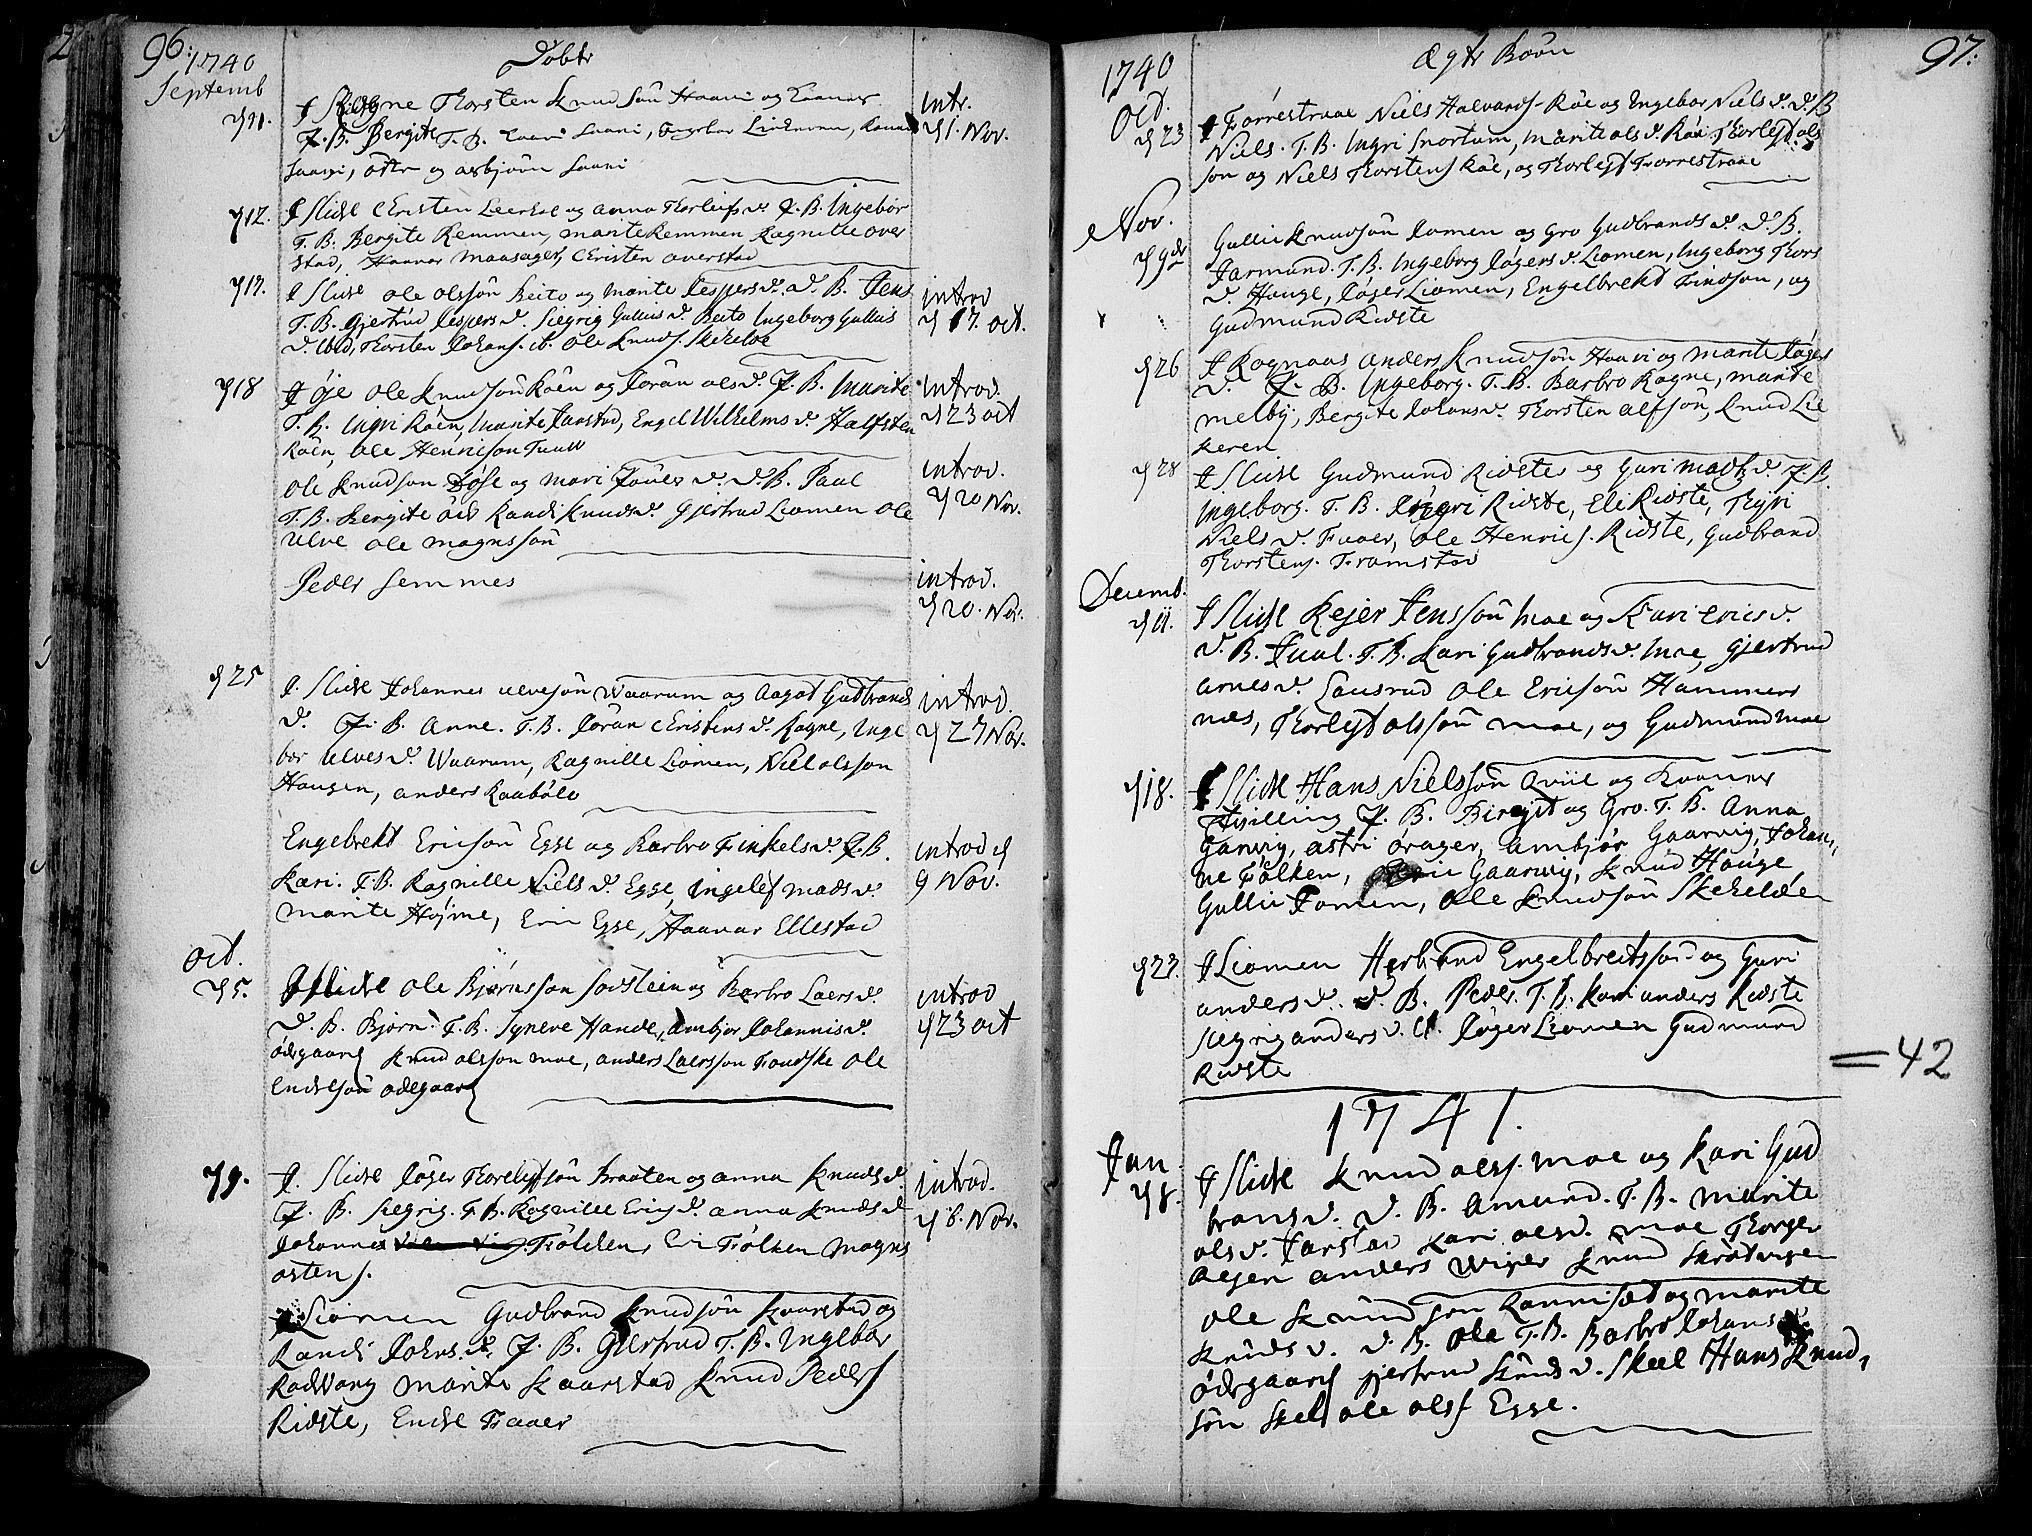 SAH, Slidre prestekontor, Ministerialbok nr. 1, 1724-1814, s. 96-97